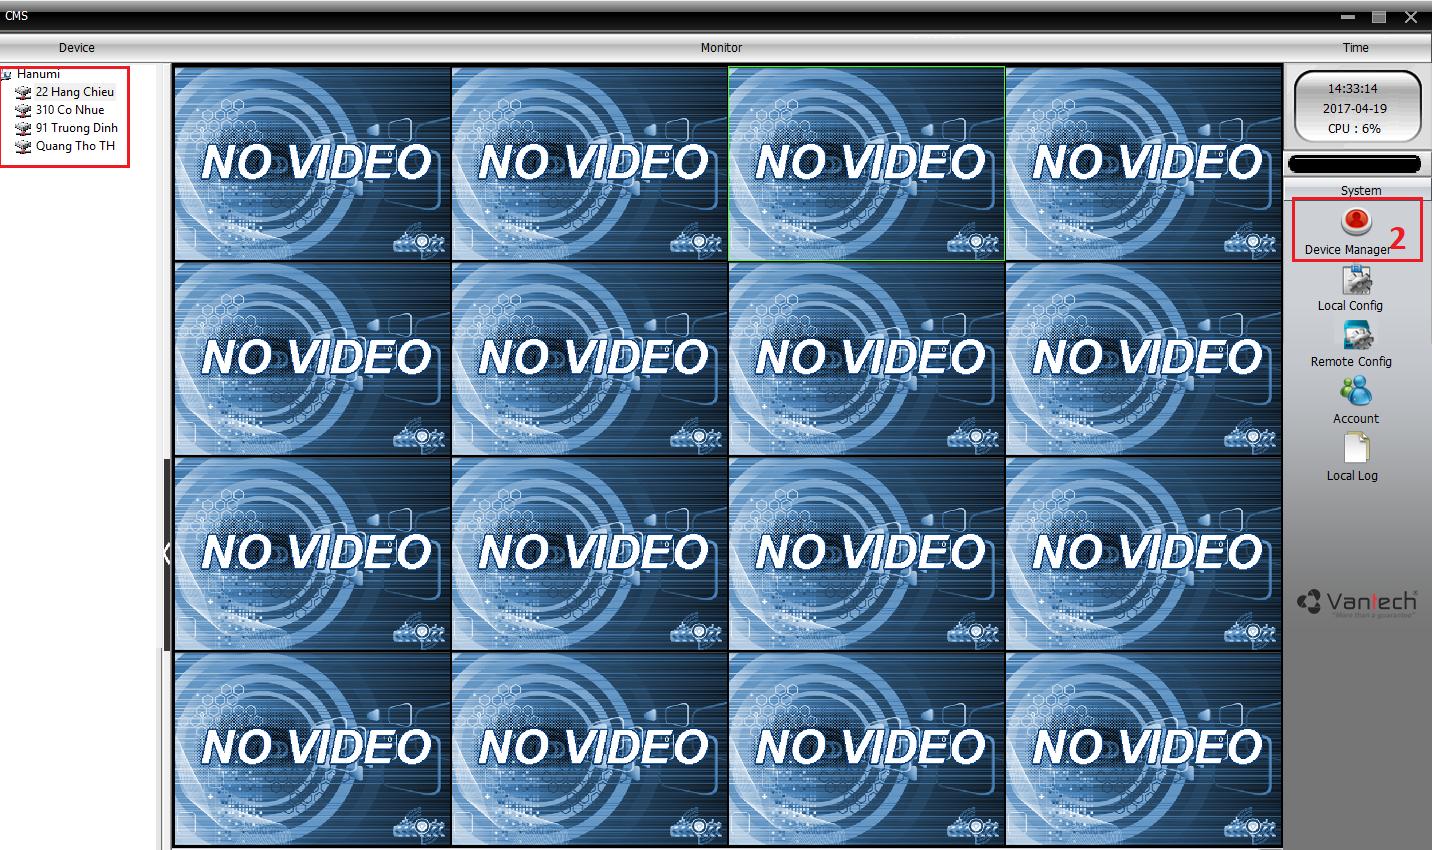 Hướng dẫn sử dụng phần mềm CMS Camera trên máy tính